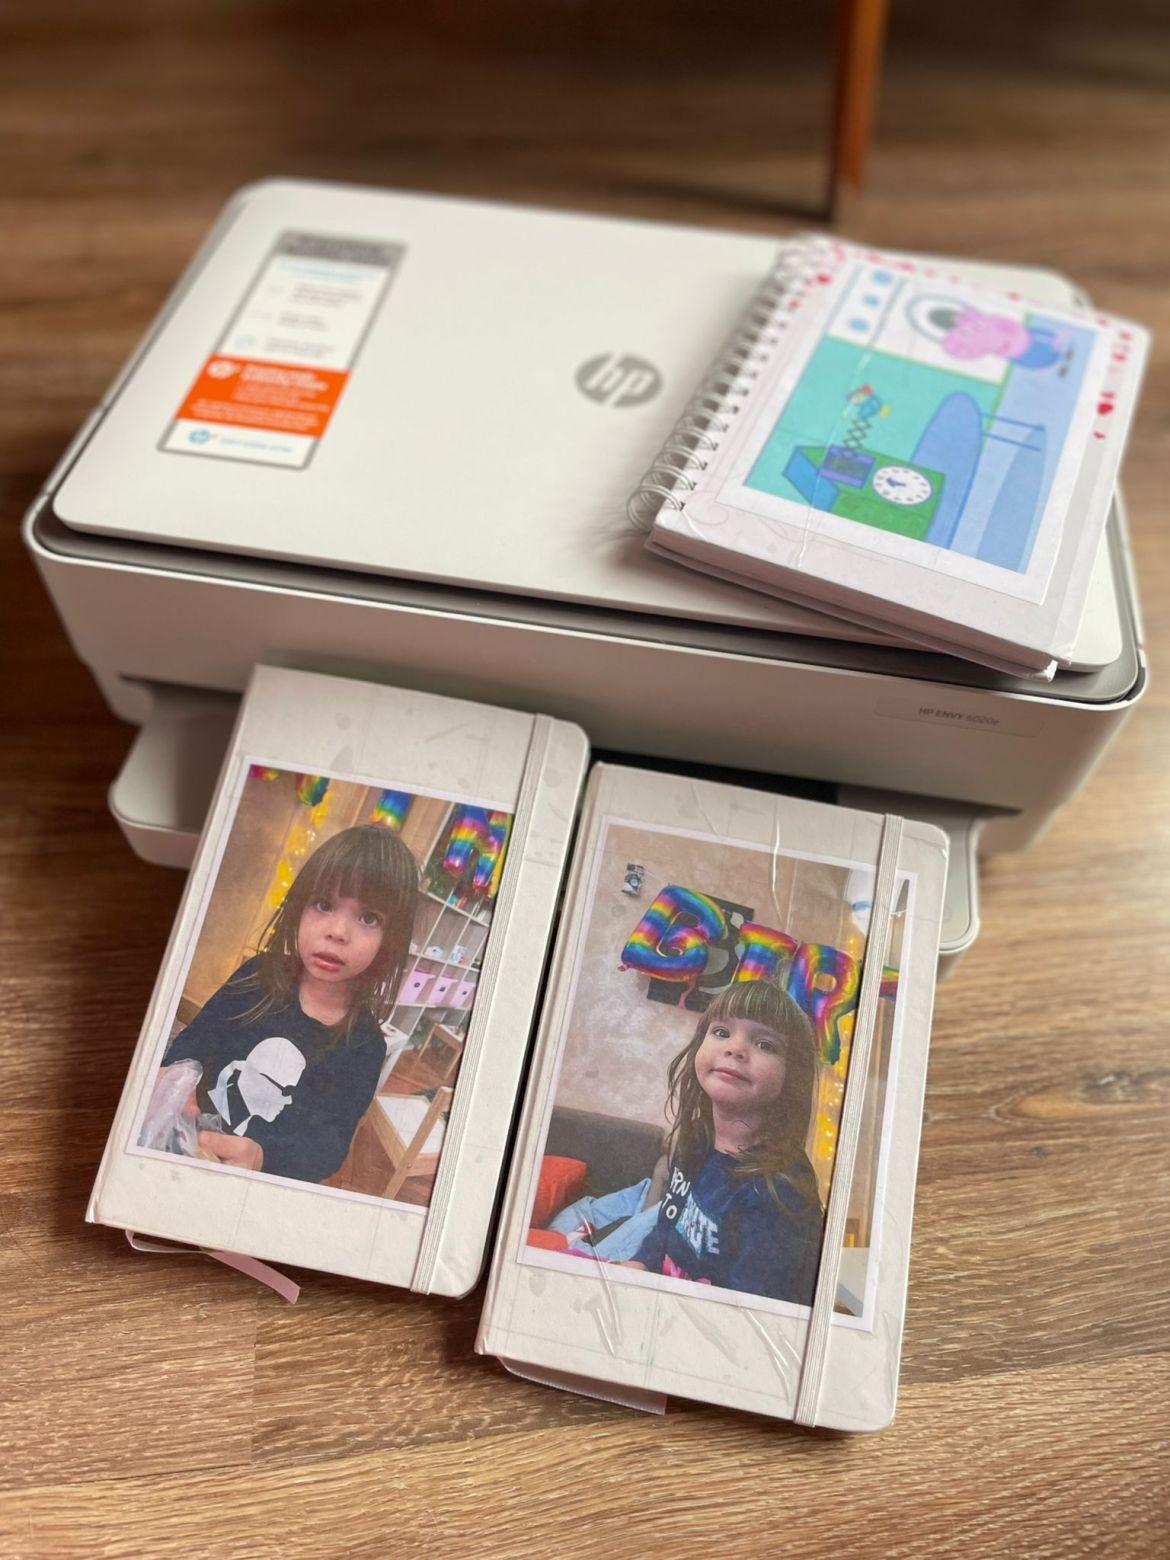 DIY: idei de activități cu copiii, cu imprimanta HP și sistemul de imprimare inteligentă HP+